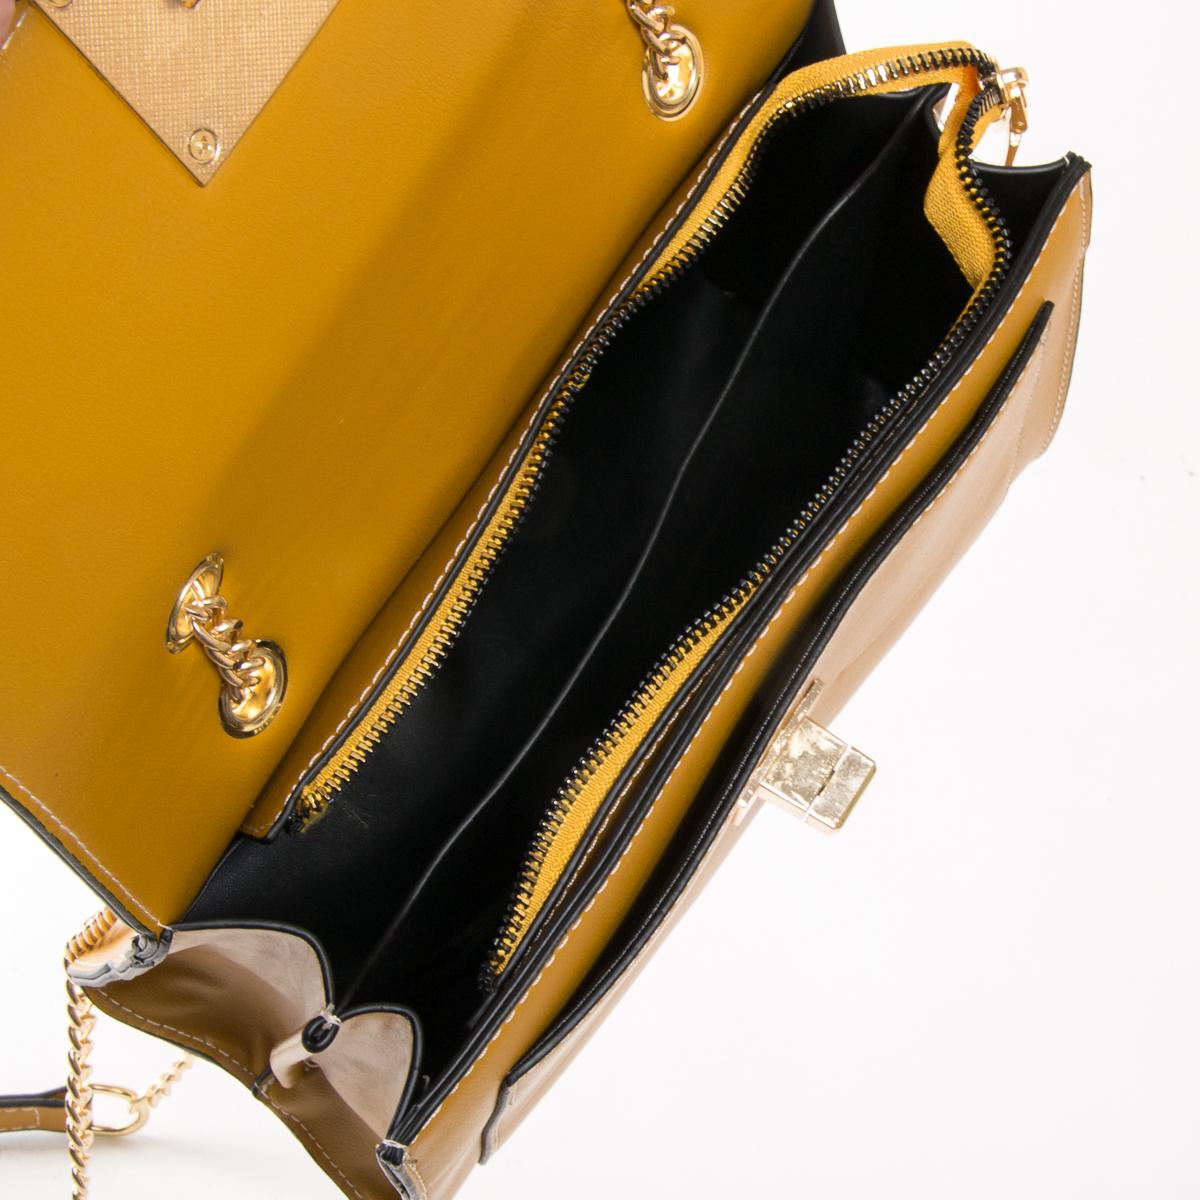 Сумка Женская Классическая иск-кожа FASHION 01-00 810 yellow - фото 5